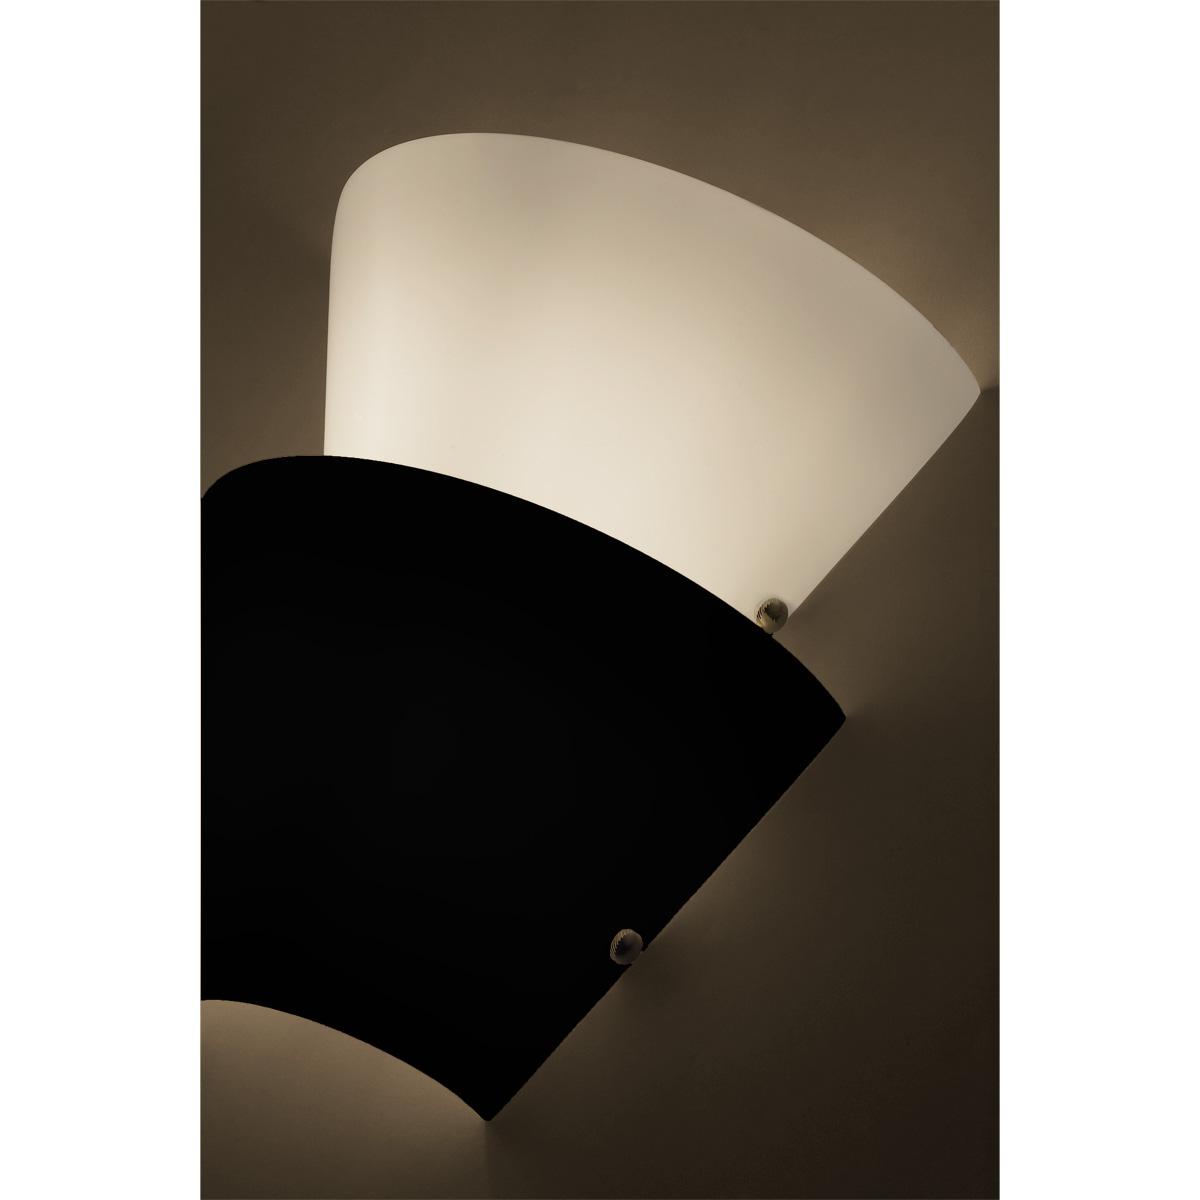 Μοντέρνες απλίκες Μουράνο ΚΩΝΟΙ modern wall lamps